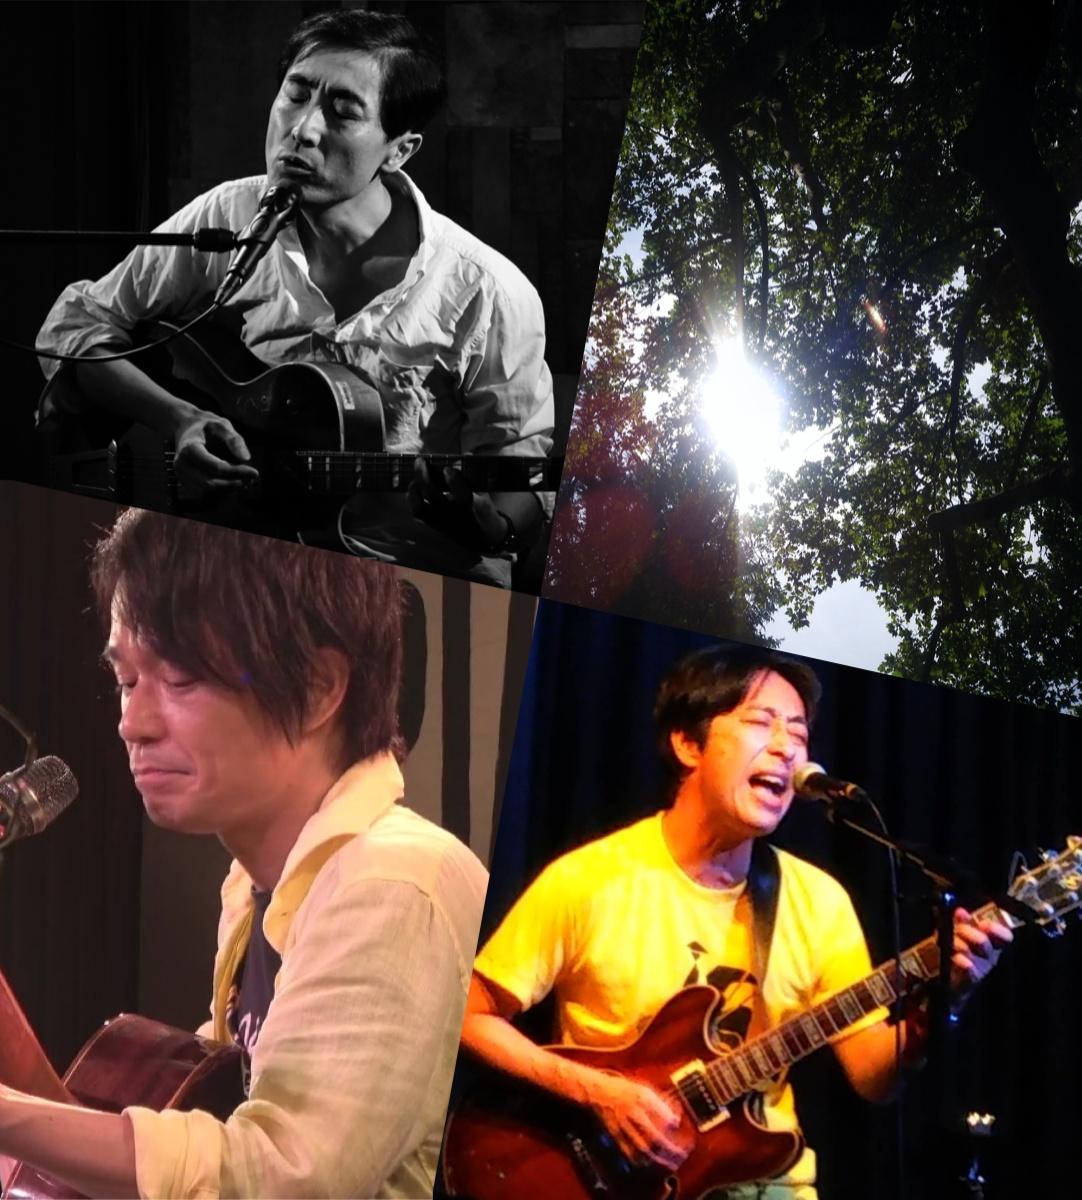 『Singin' Gypsies』出演:中馬昇 / もり / 局洋次郎 / 加藤雅之